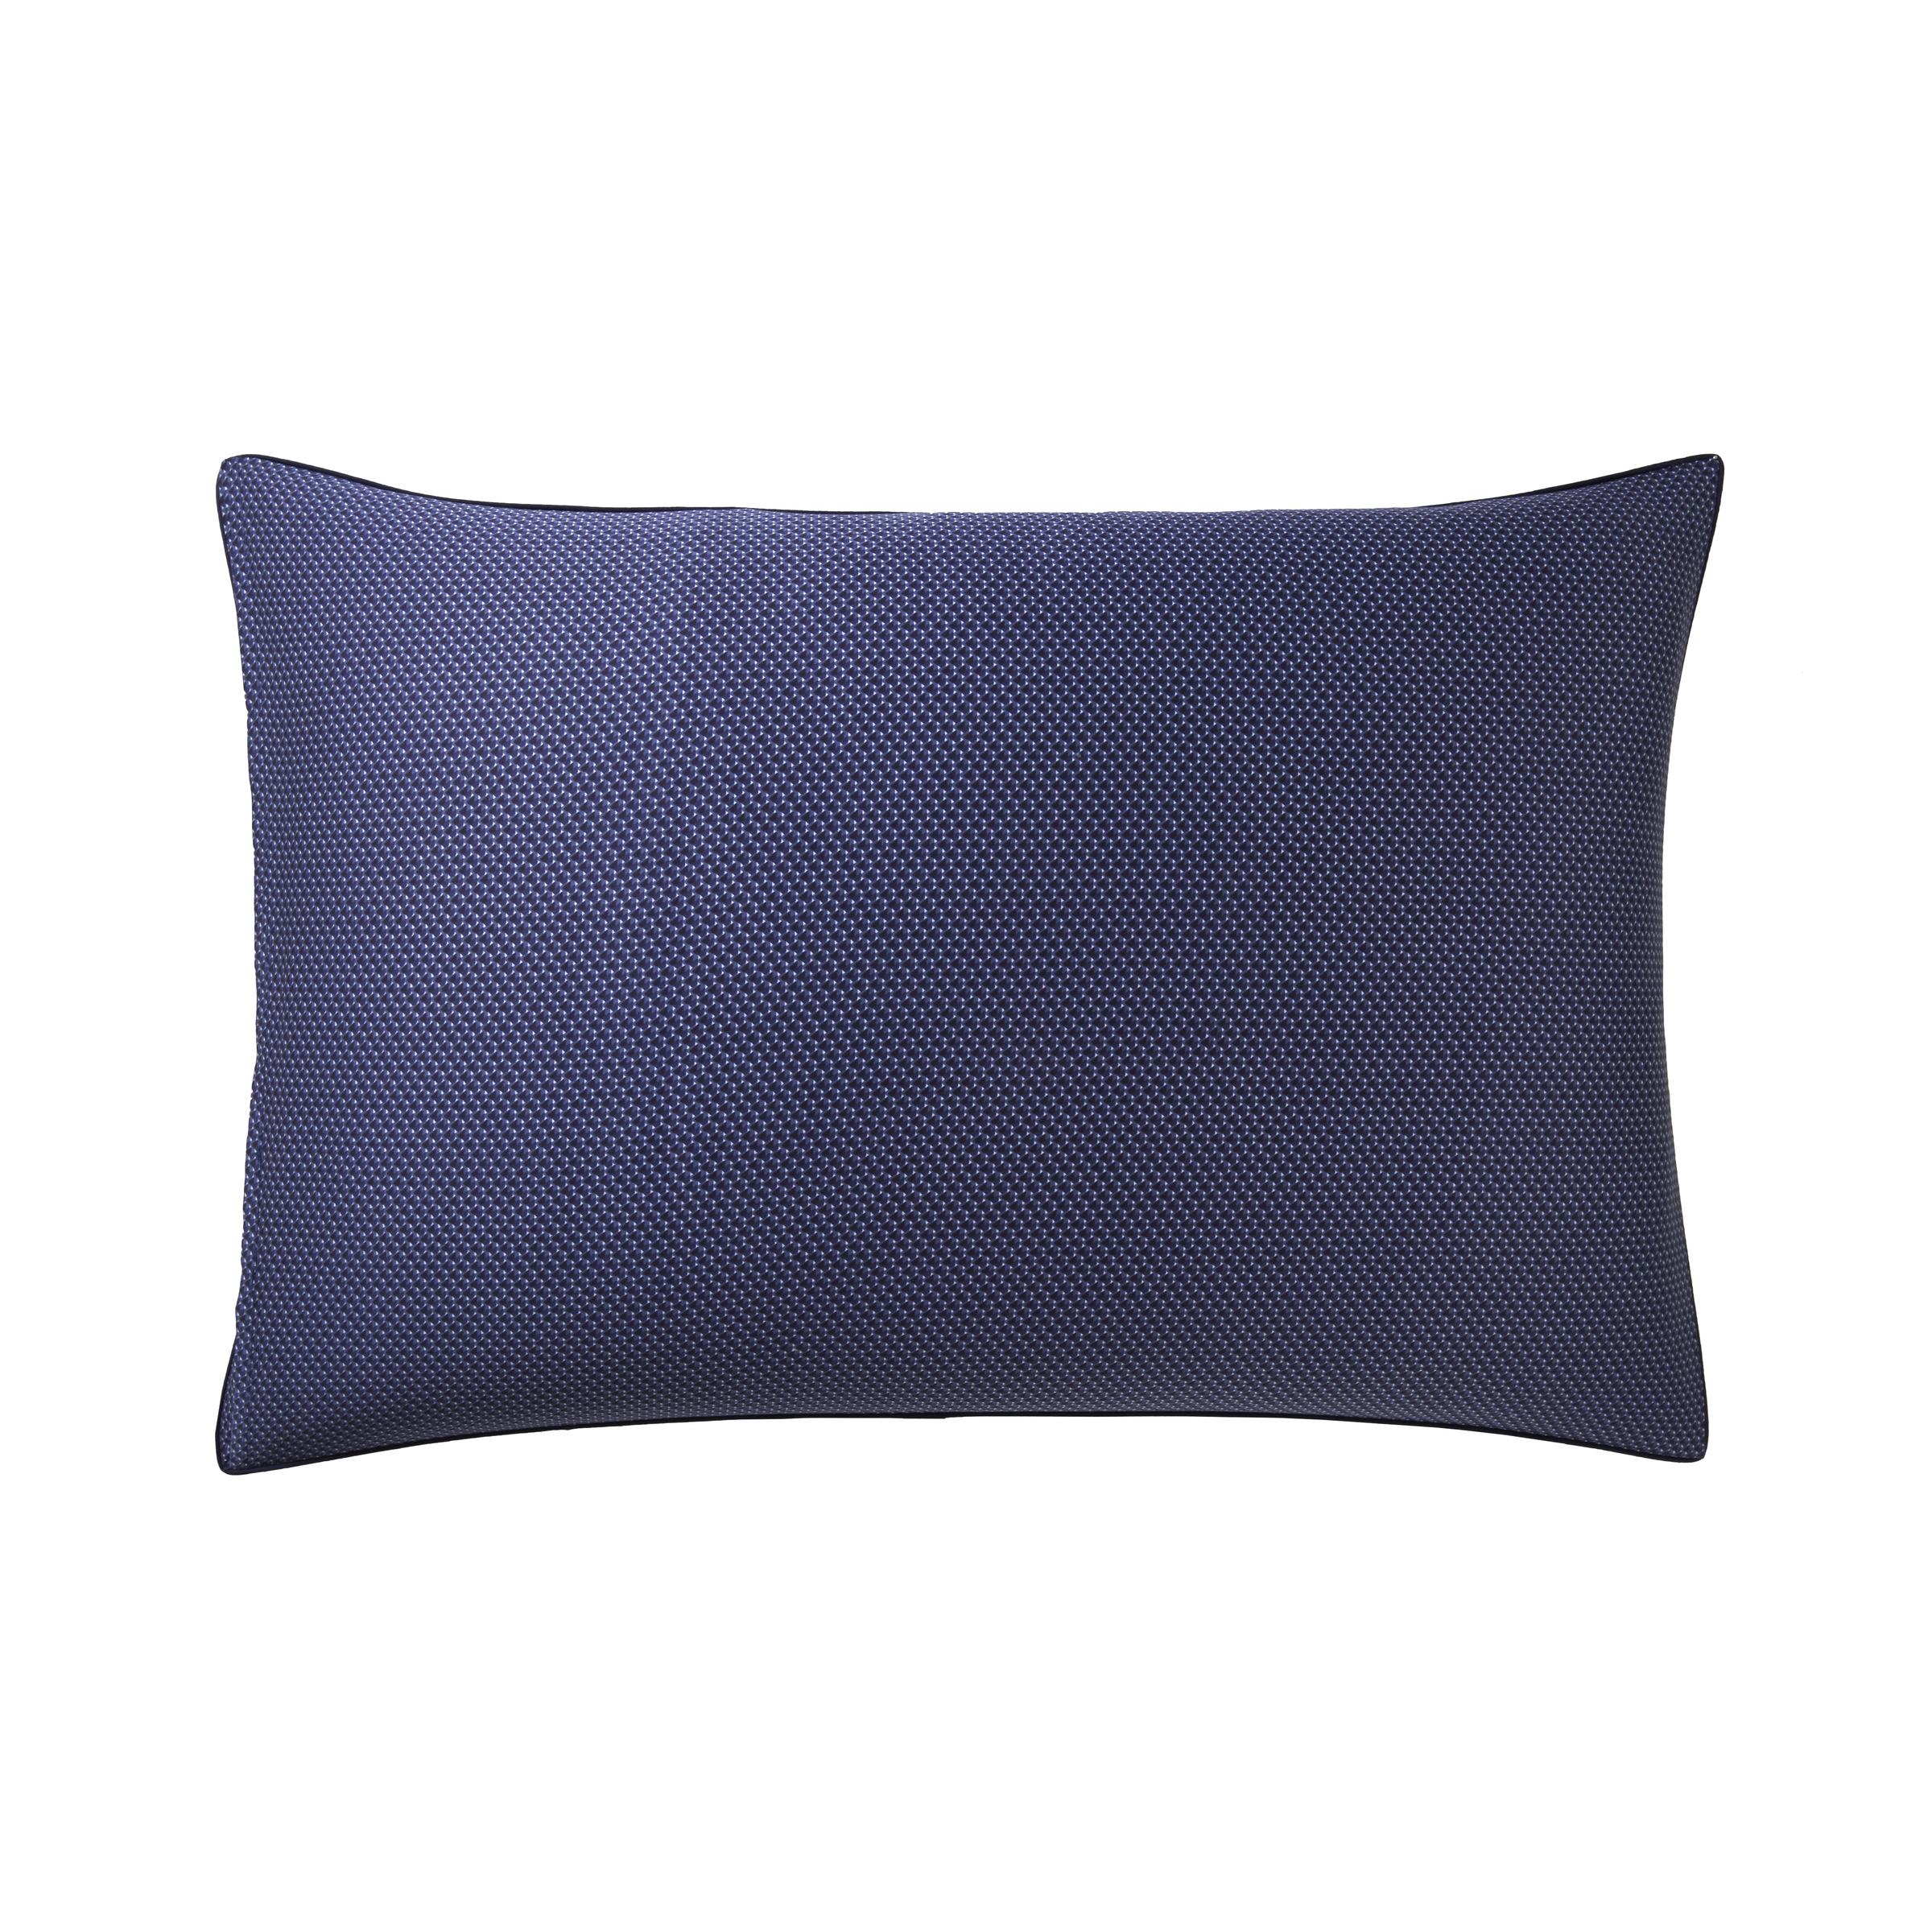 235239 - 2 - Pillow case ELEMENTS 50x75cm - Boss Home.jpg